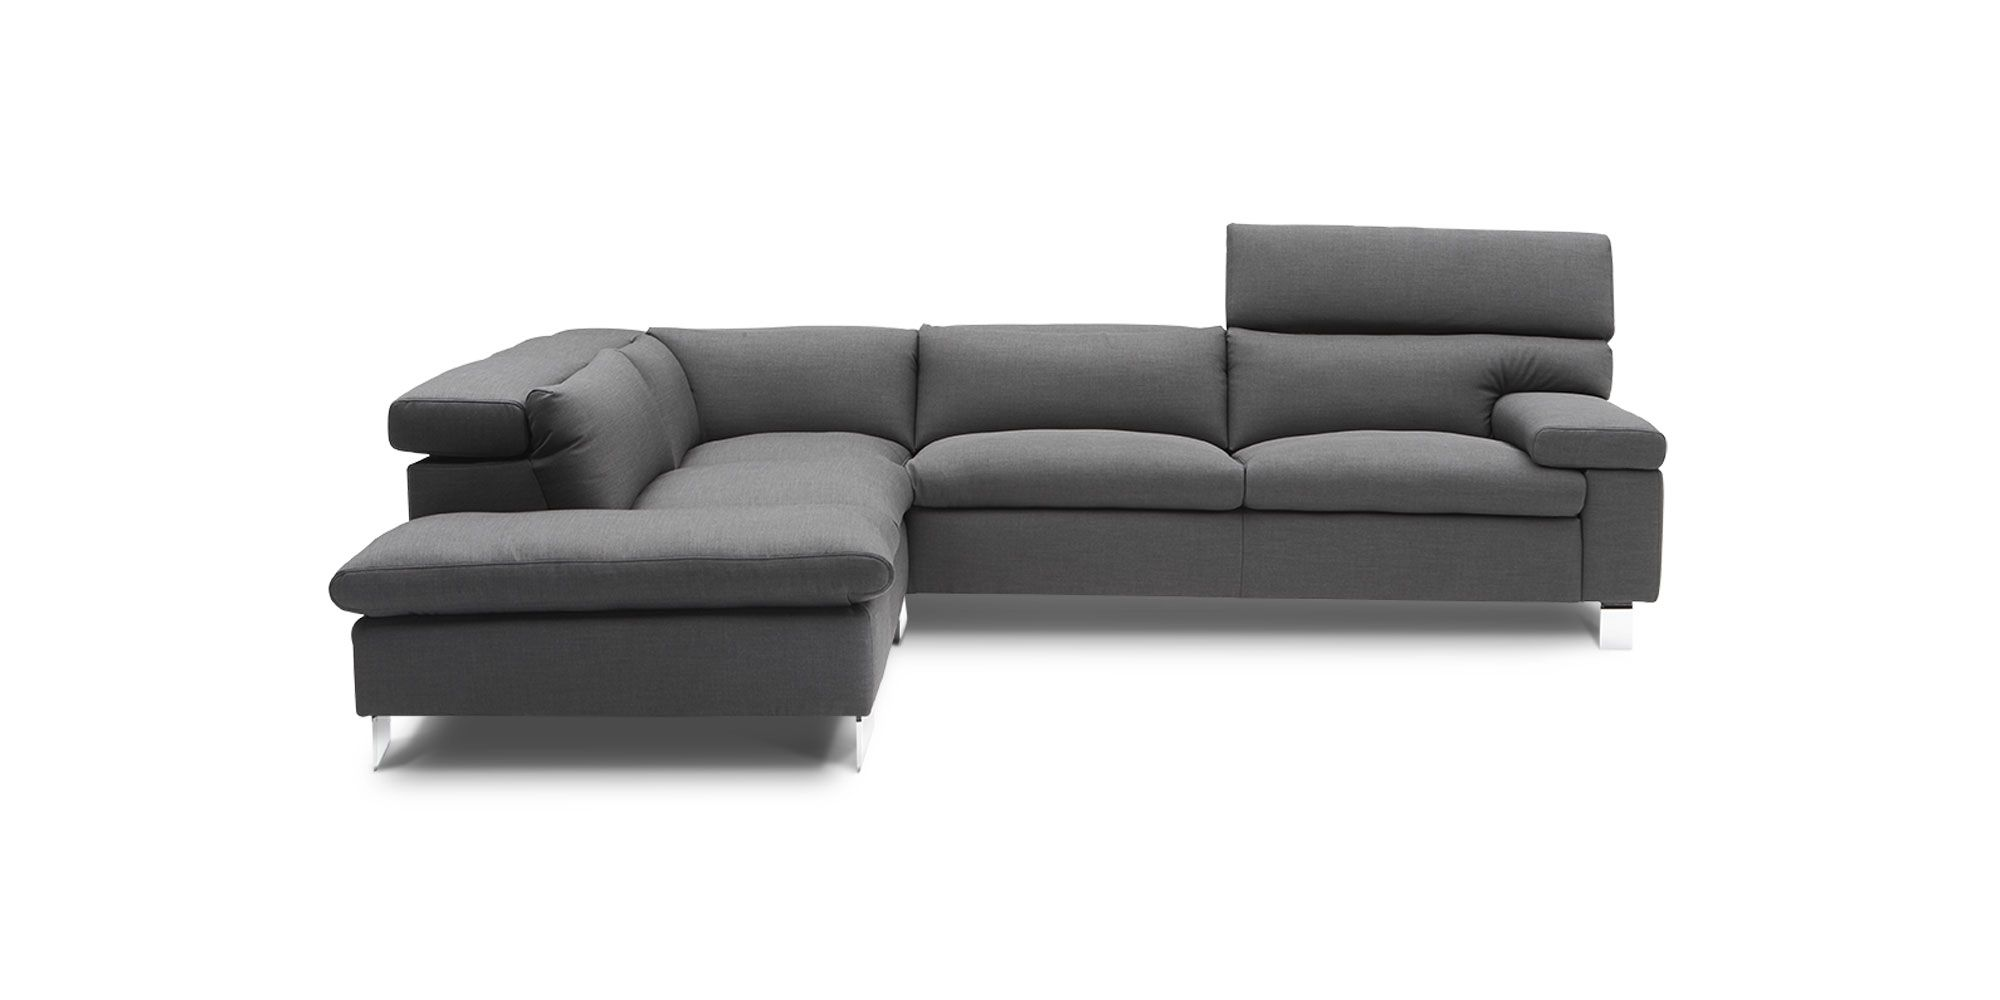 Wundervoll Schillig Sofas Sammlung Von Ambra | Ewald Brand - Hersteller Von